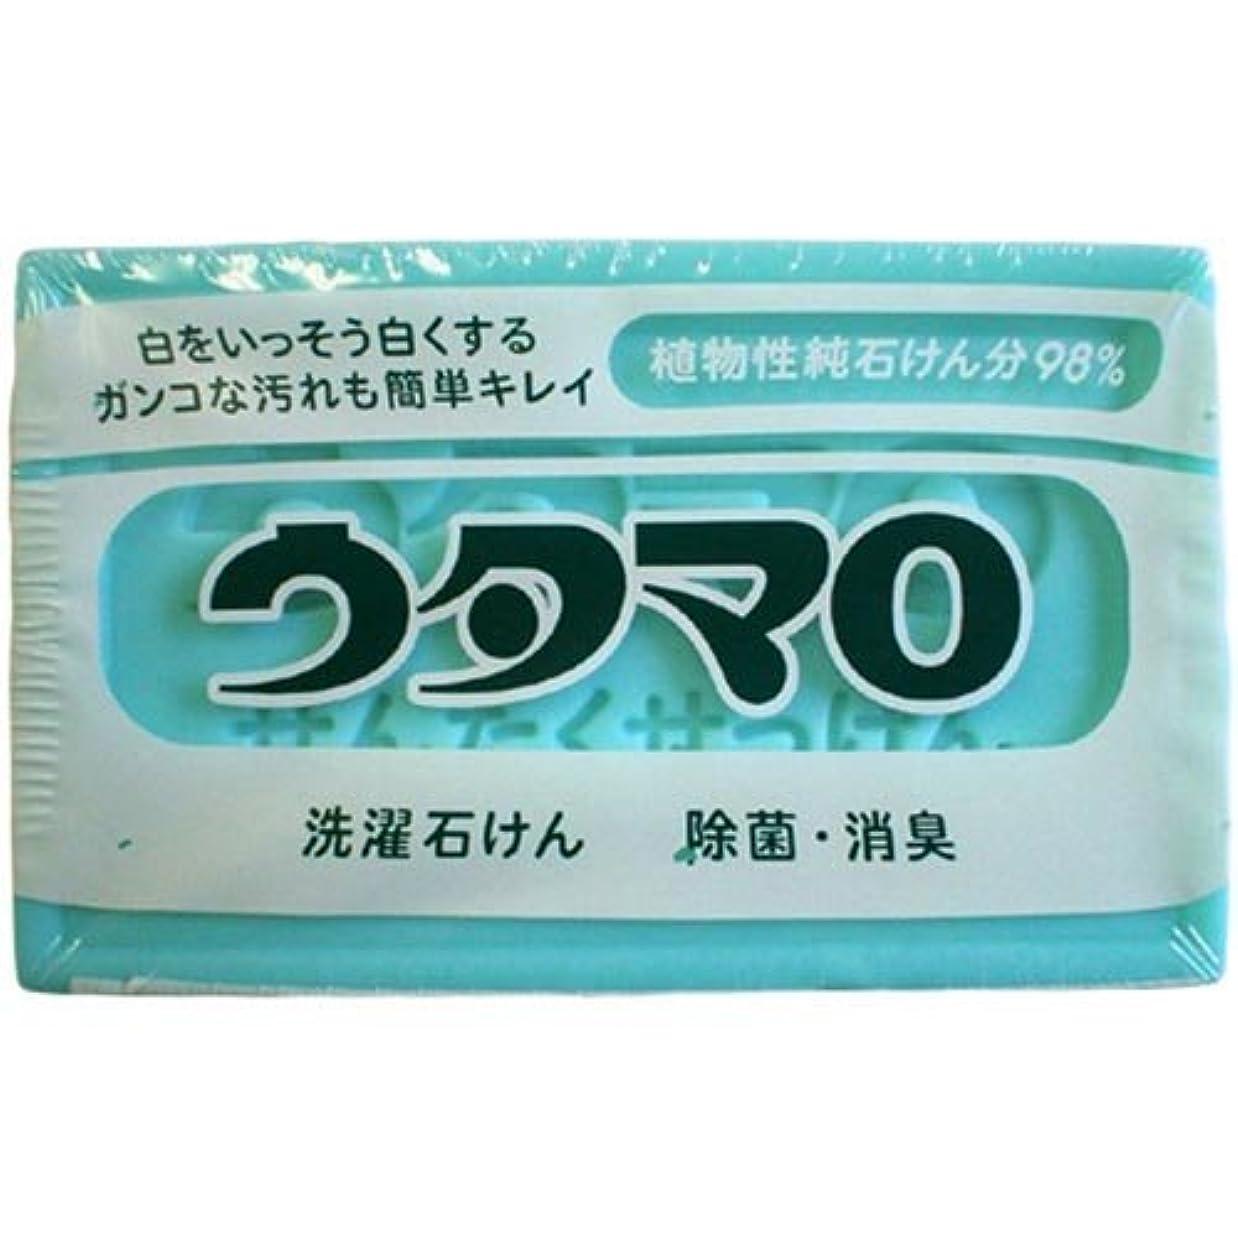 消費者理論的普遍的な東邦 ウタマロ マホー石鹸 3個セット TO-SE3